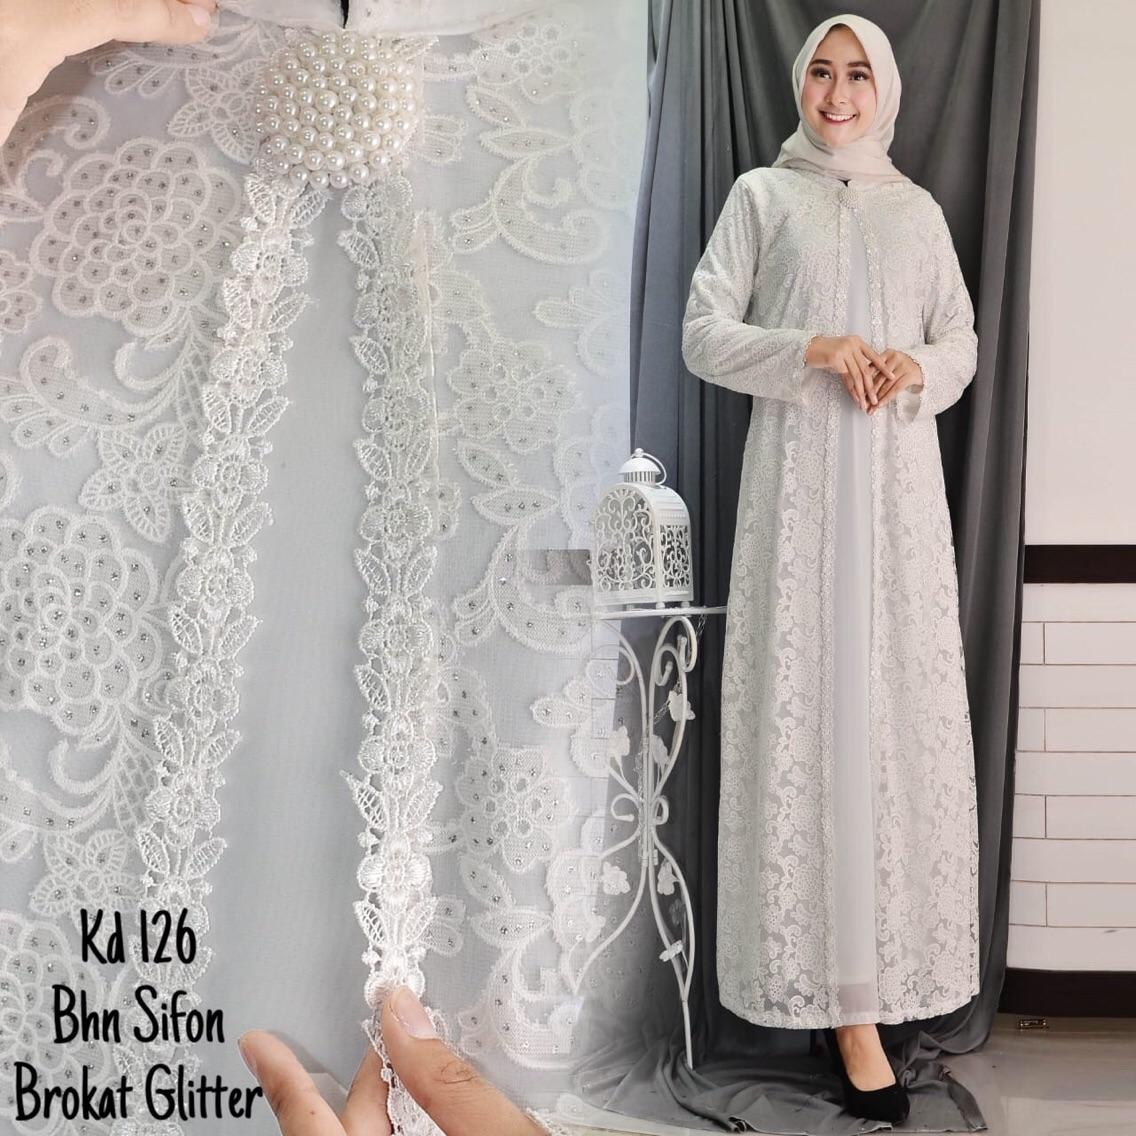 Full Brukat Baju Gamis Putih   Busana Muslim   Baju Muslim Wanita   9a12a82c11